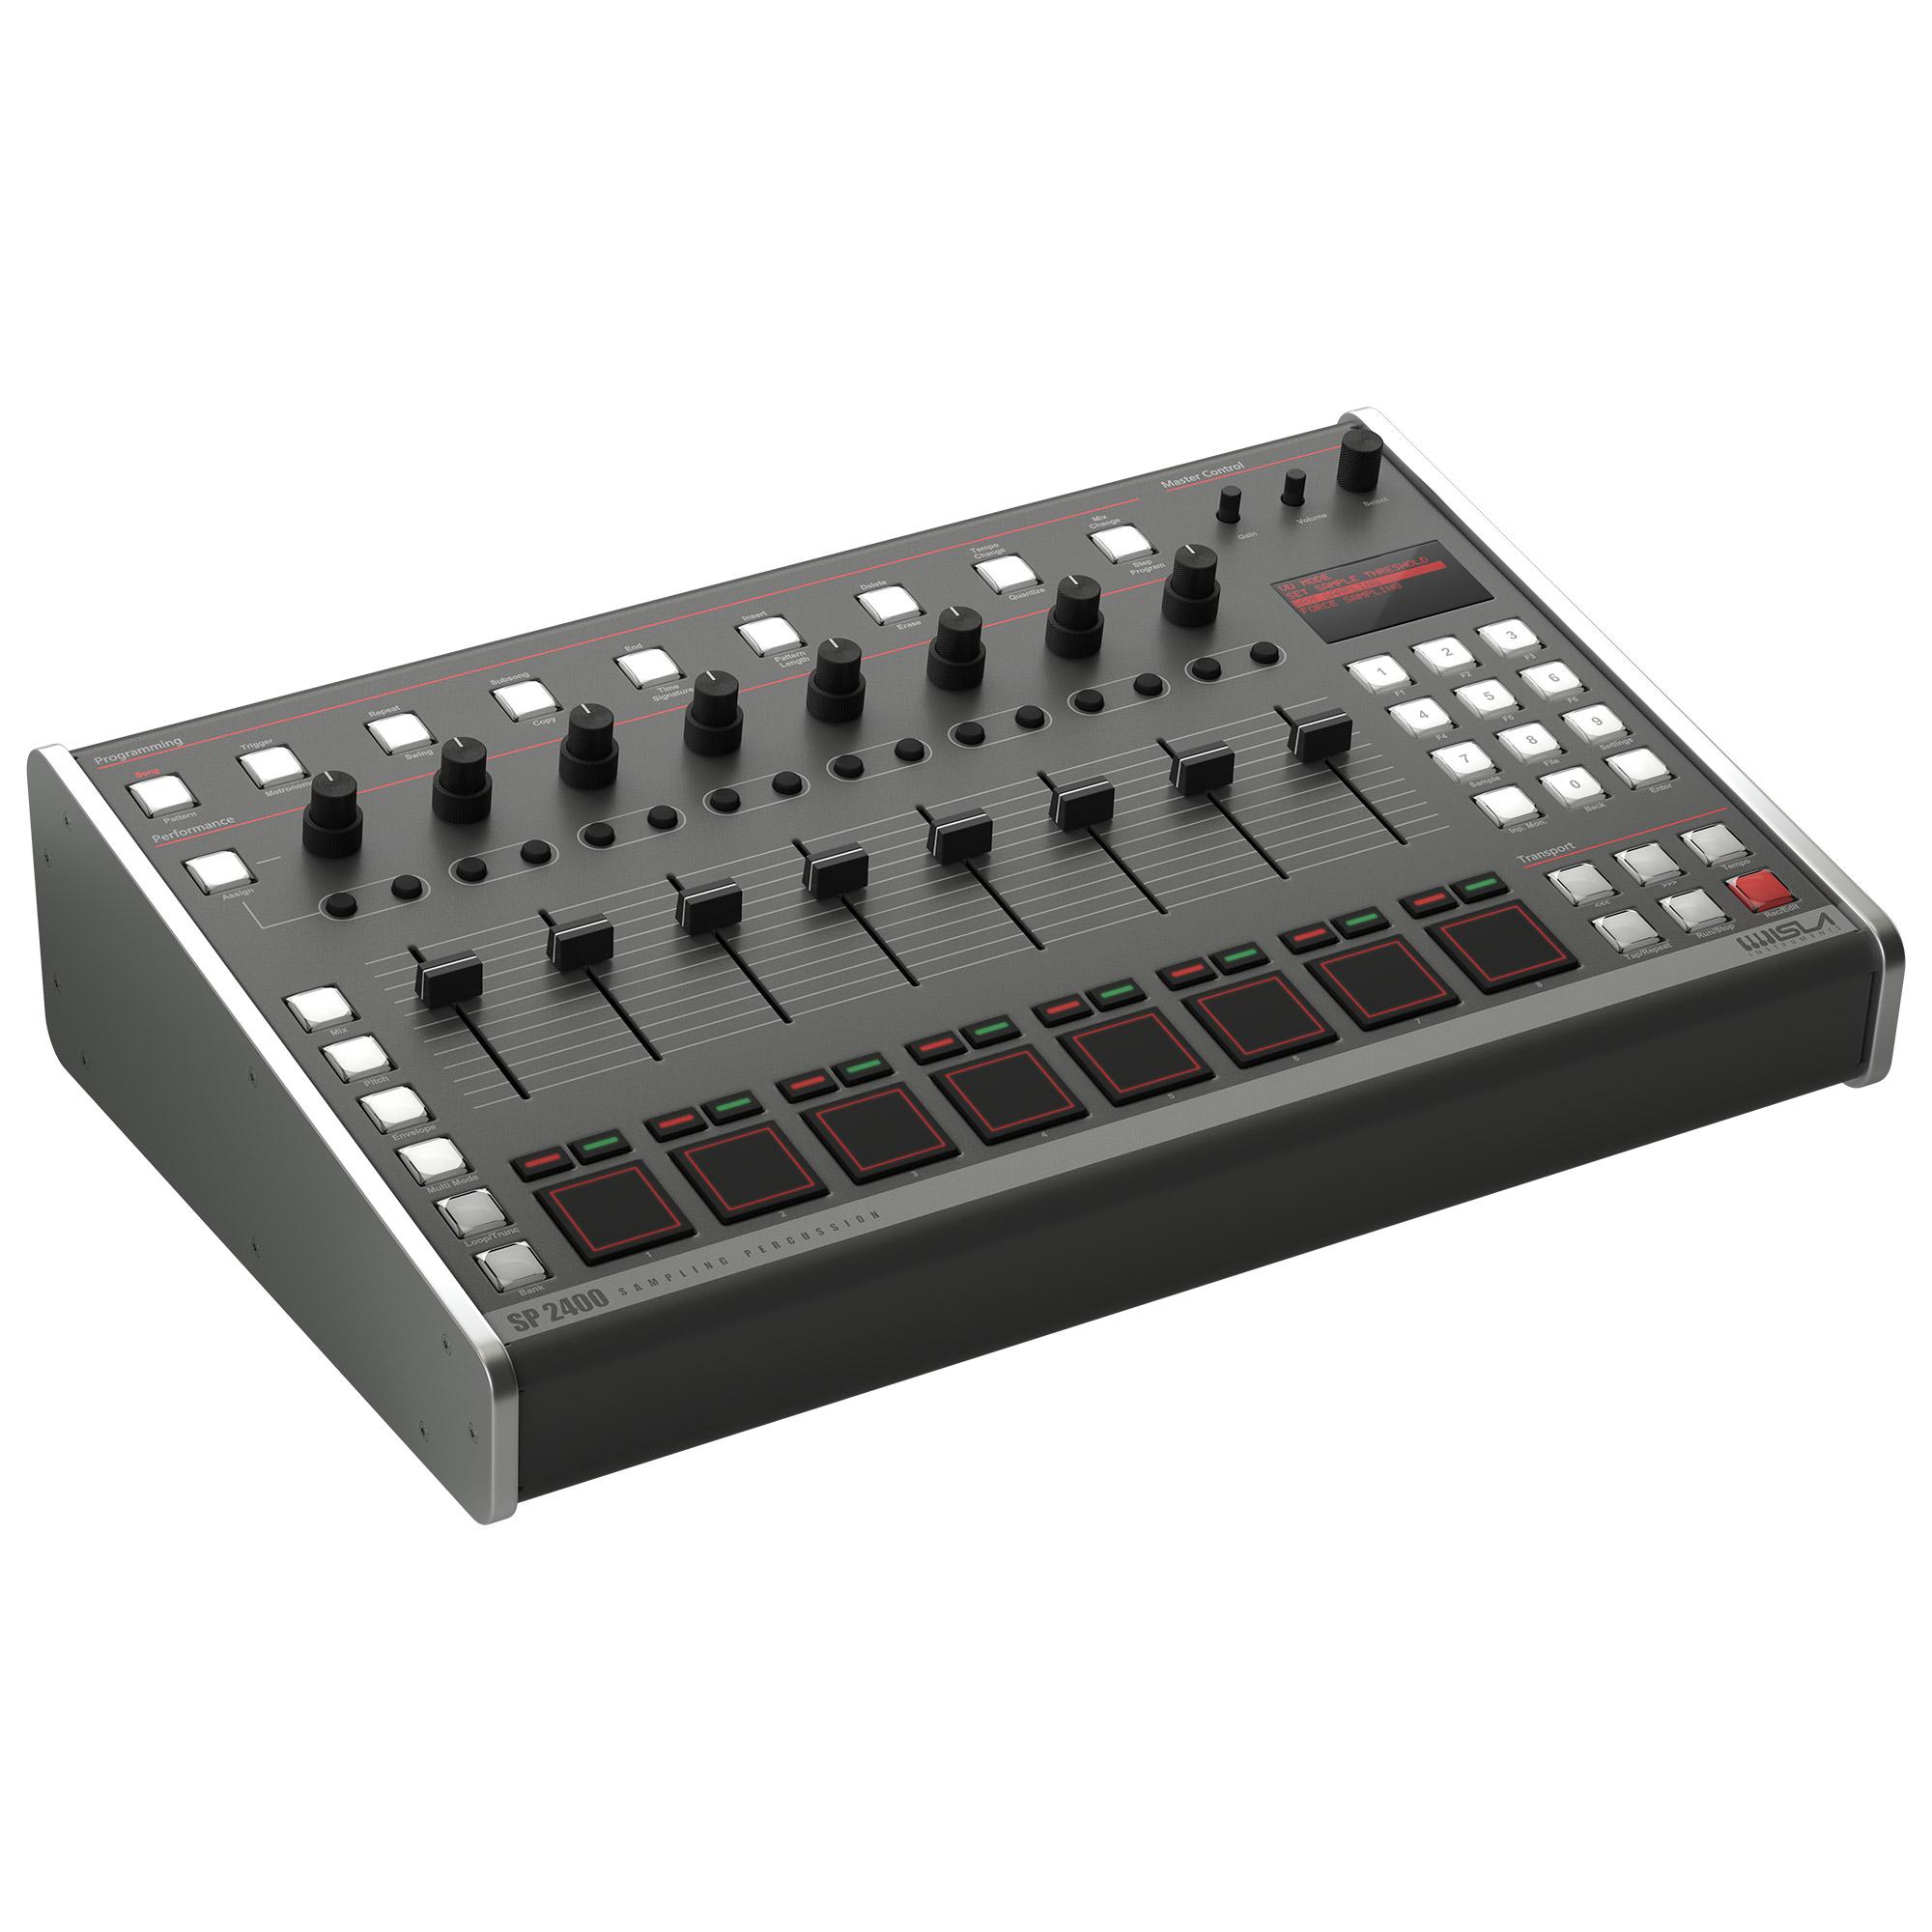 The E-mu SP-1200 sampler is getting a reboot: SP 2400 - CDM Create Digital Music